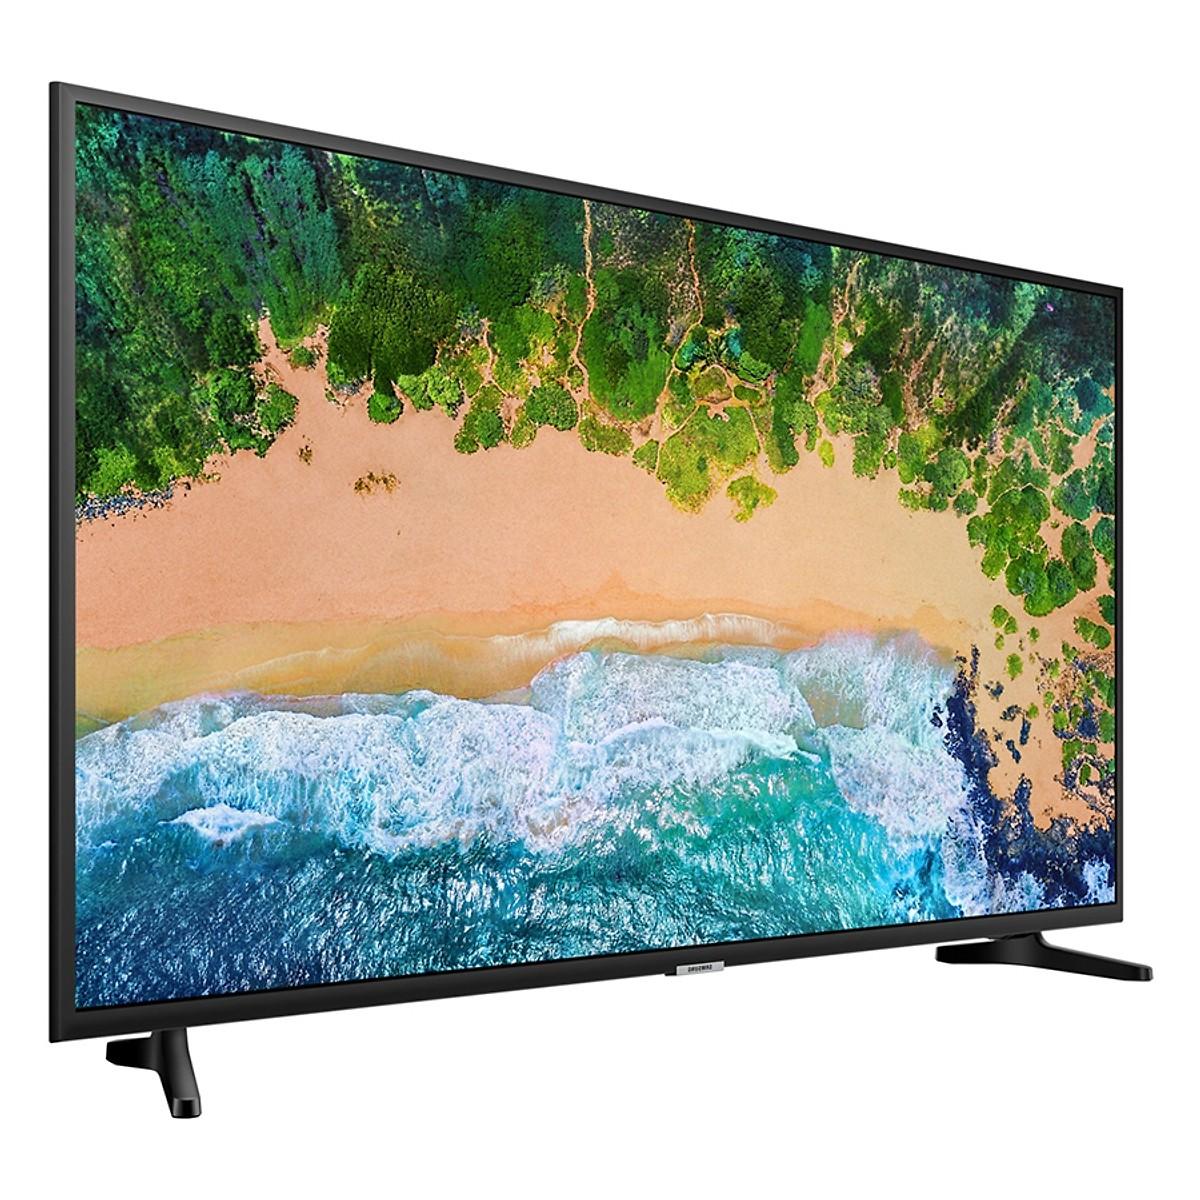 Smart Tivi Samsung 65 inch 4K UHD UA65NU7090 - Hàng Chính Hãng + Tặng Khung Treo Cố Định